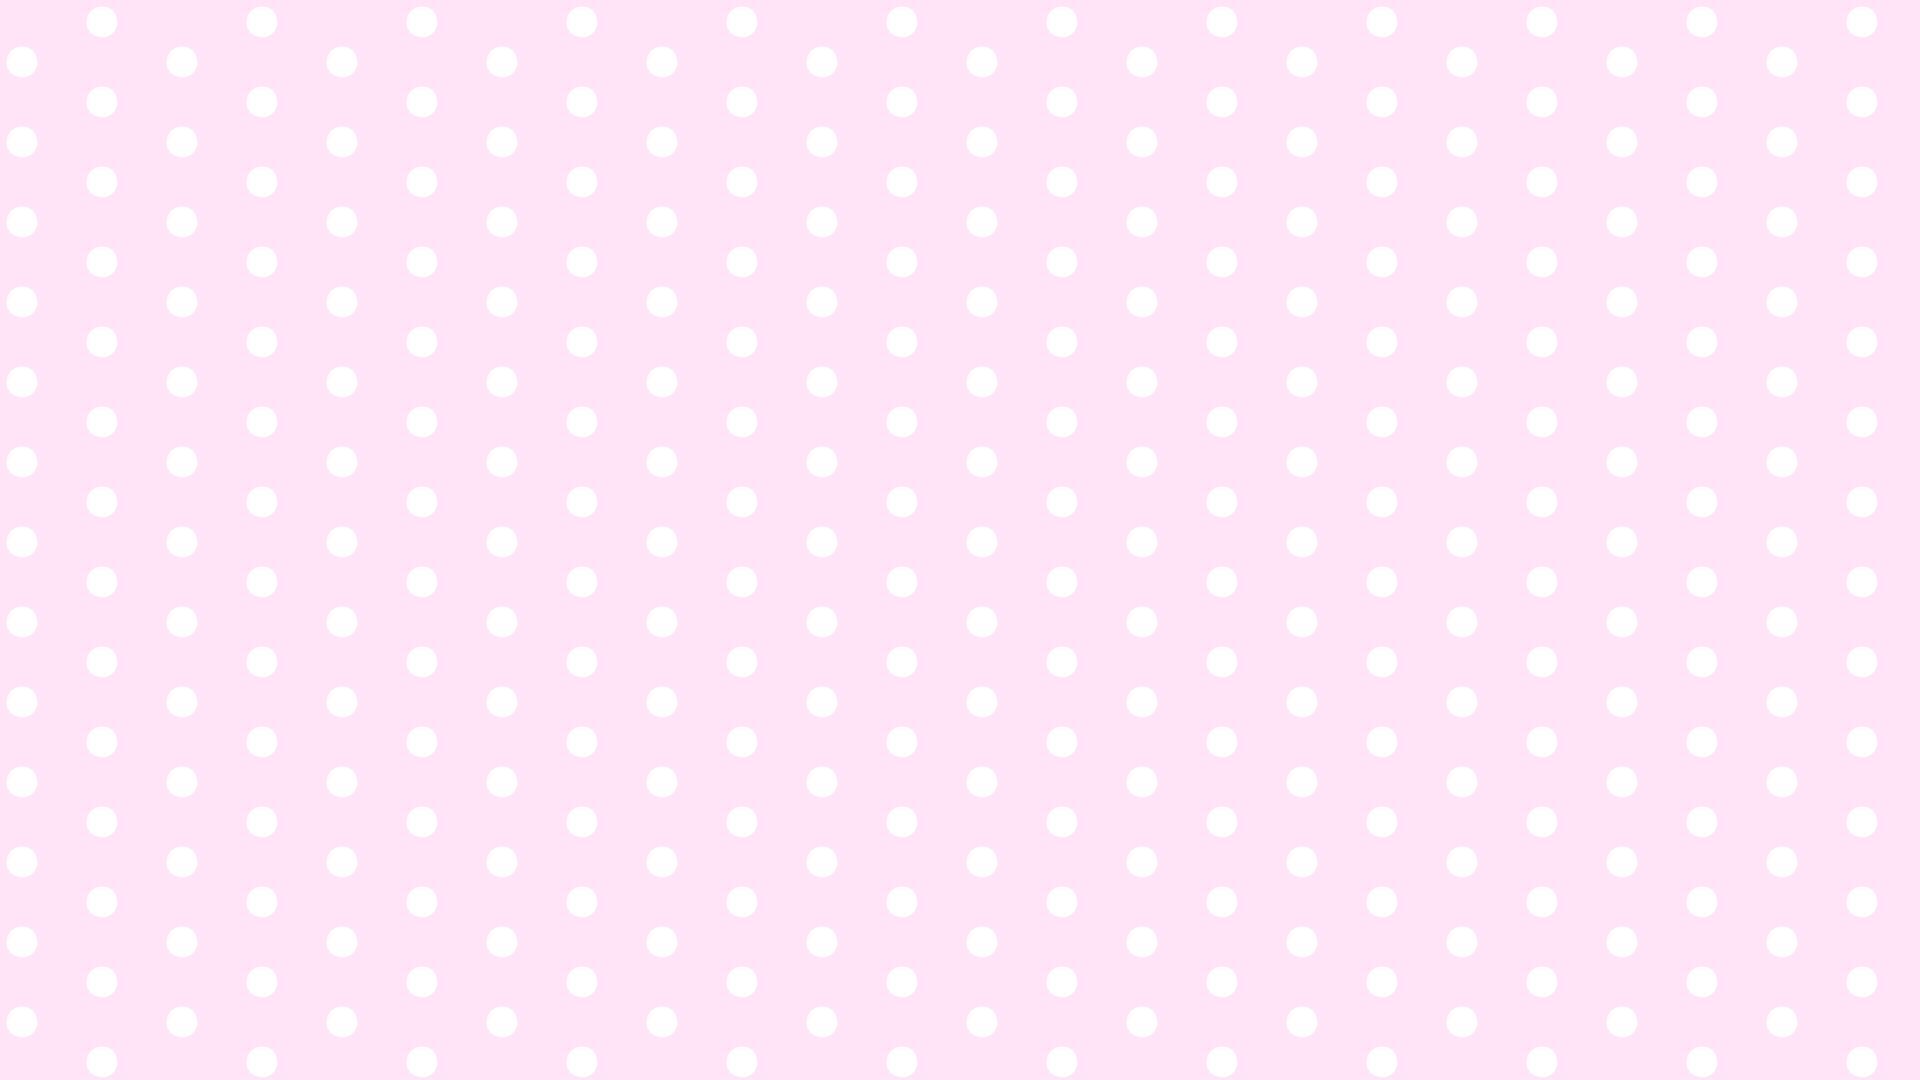 ピンク水玉(大)背景イラスト